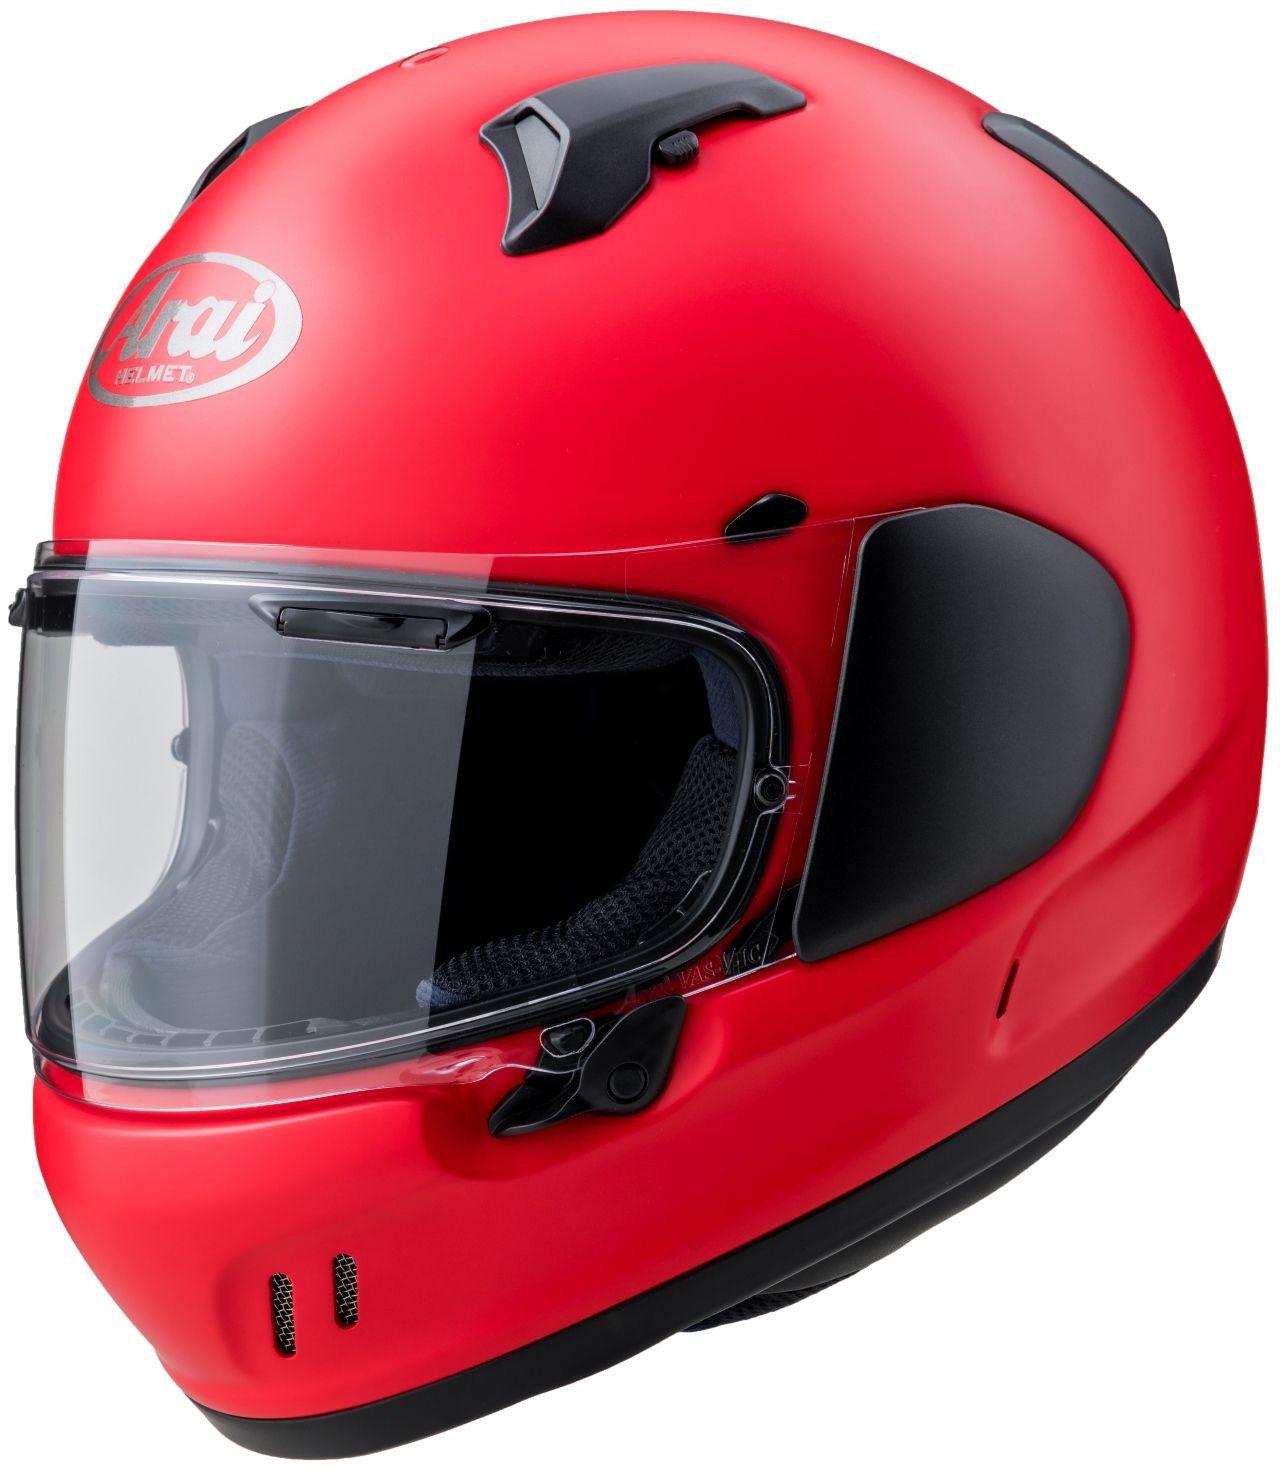 Arai : XD [平紅色/黑色] 全罩式安全帽 [W-49-P20544569]